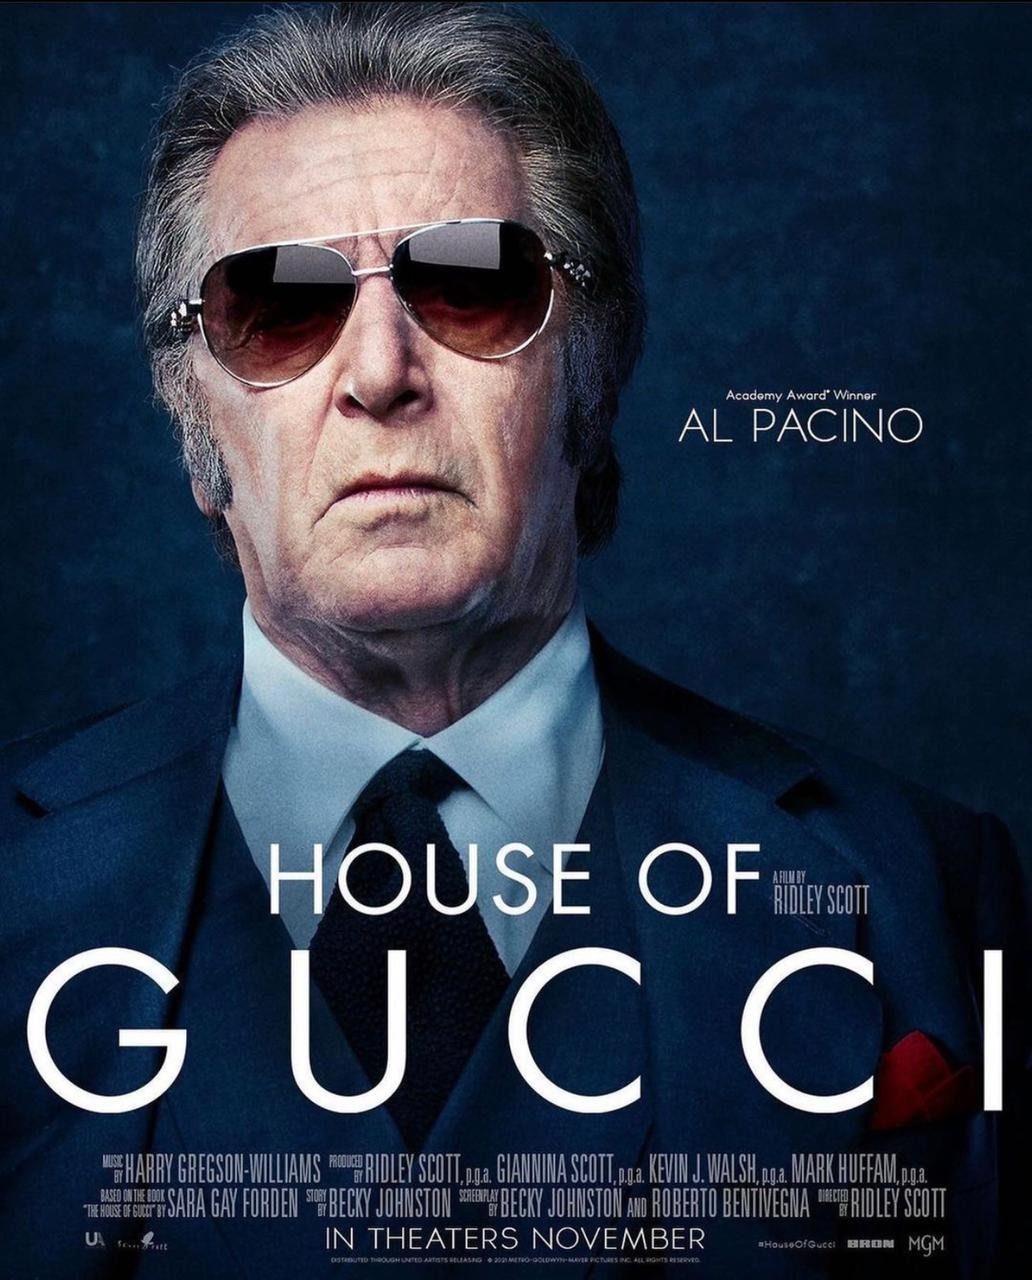 Al Pacino no pôster de 'House of Gucci' (Foto: Instagram/ Reprodução)